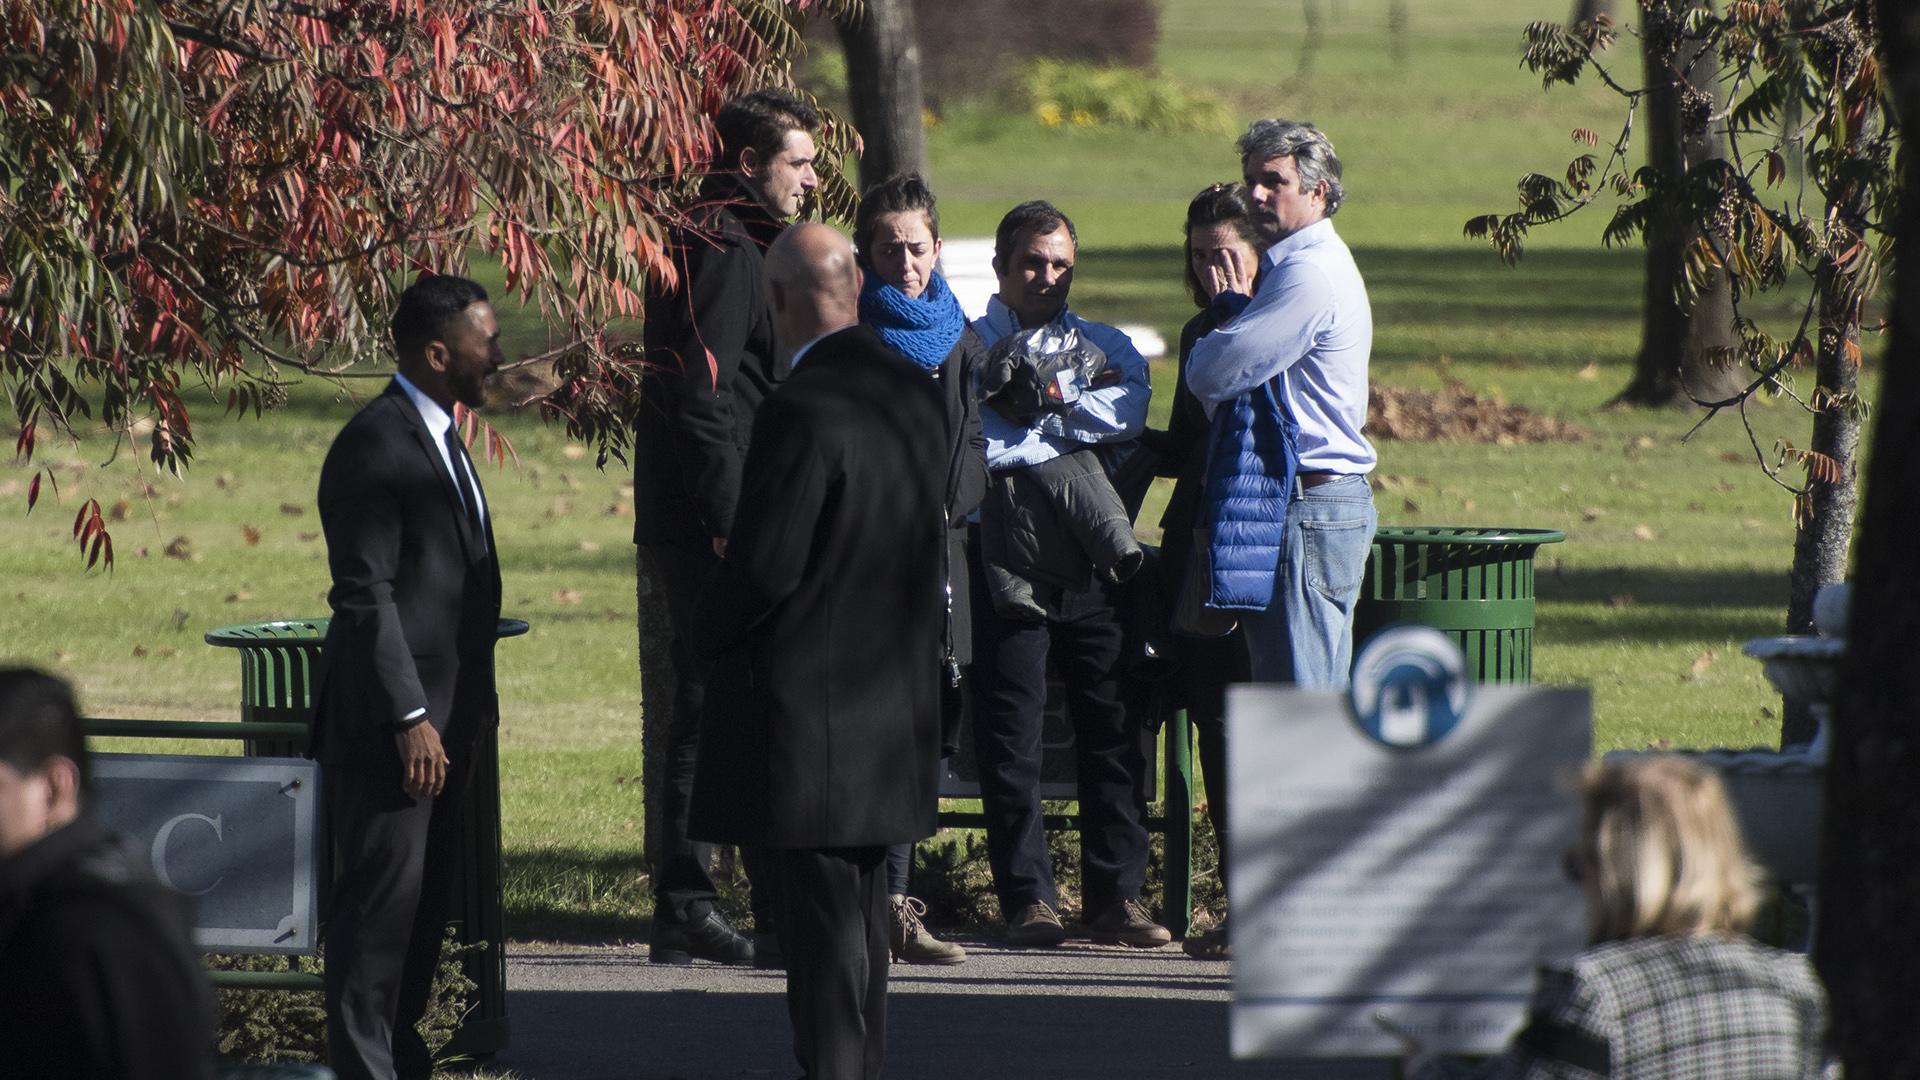 La Embajada de los Países Bajos pidió especial colaboración a los medios para que no bloquearan la entrada de los autos al cementerio